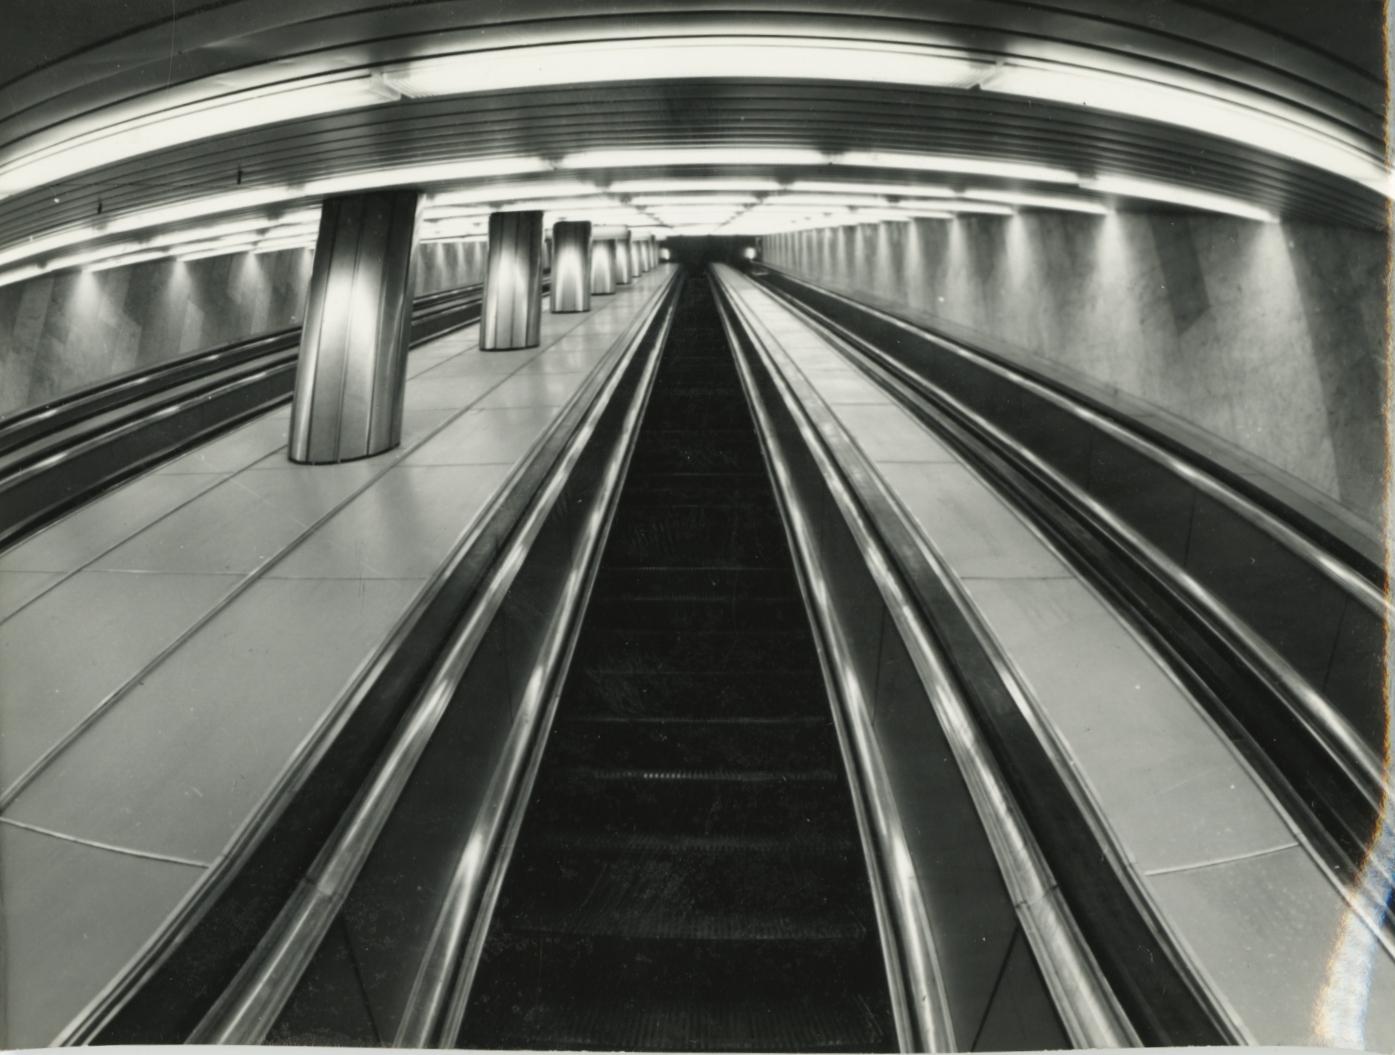 A Kálvin téri metróállomás mozgólépcsője